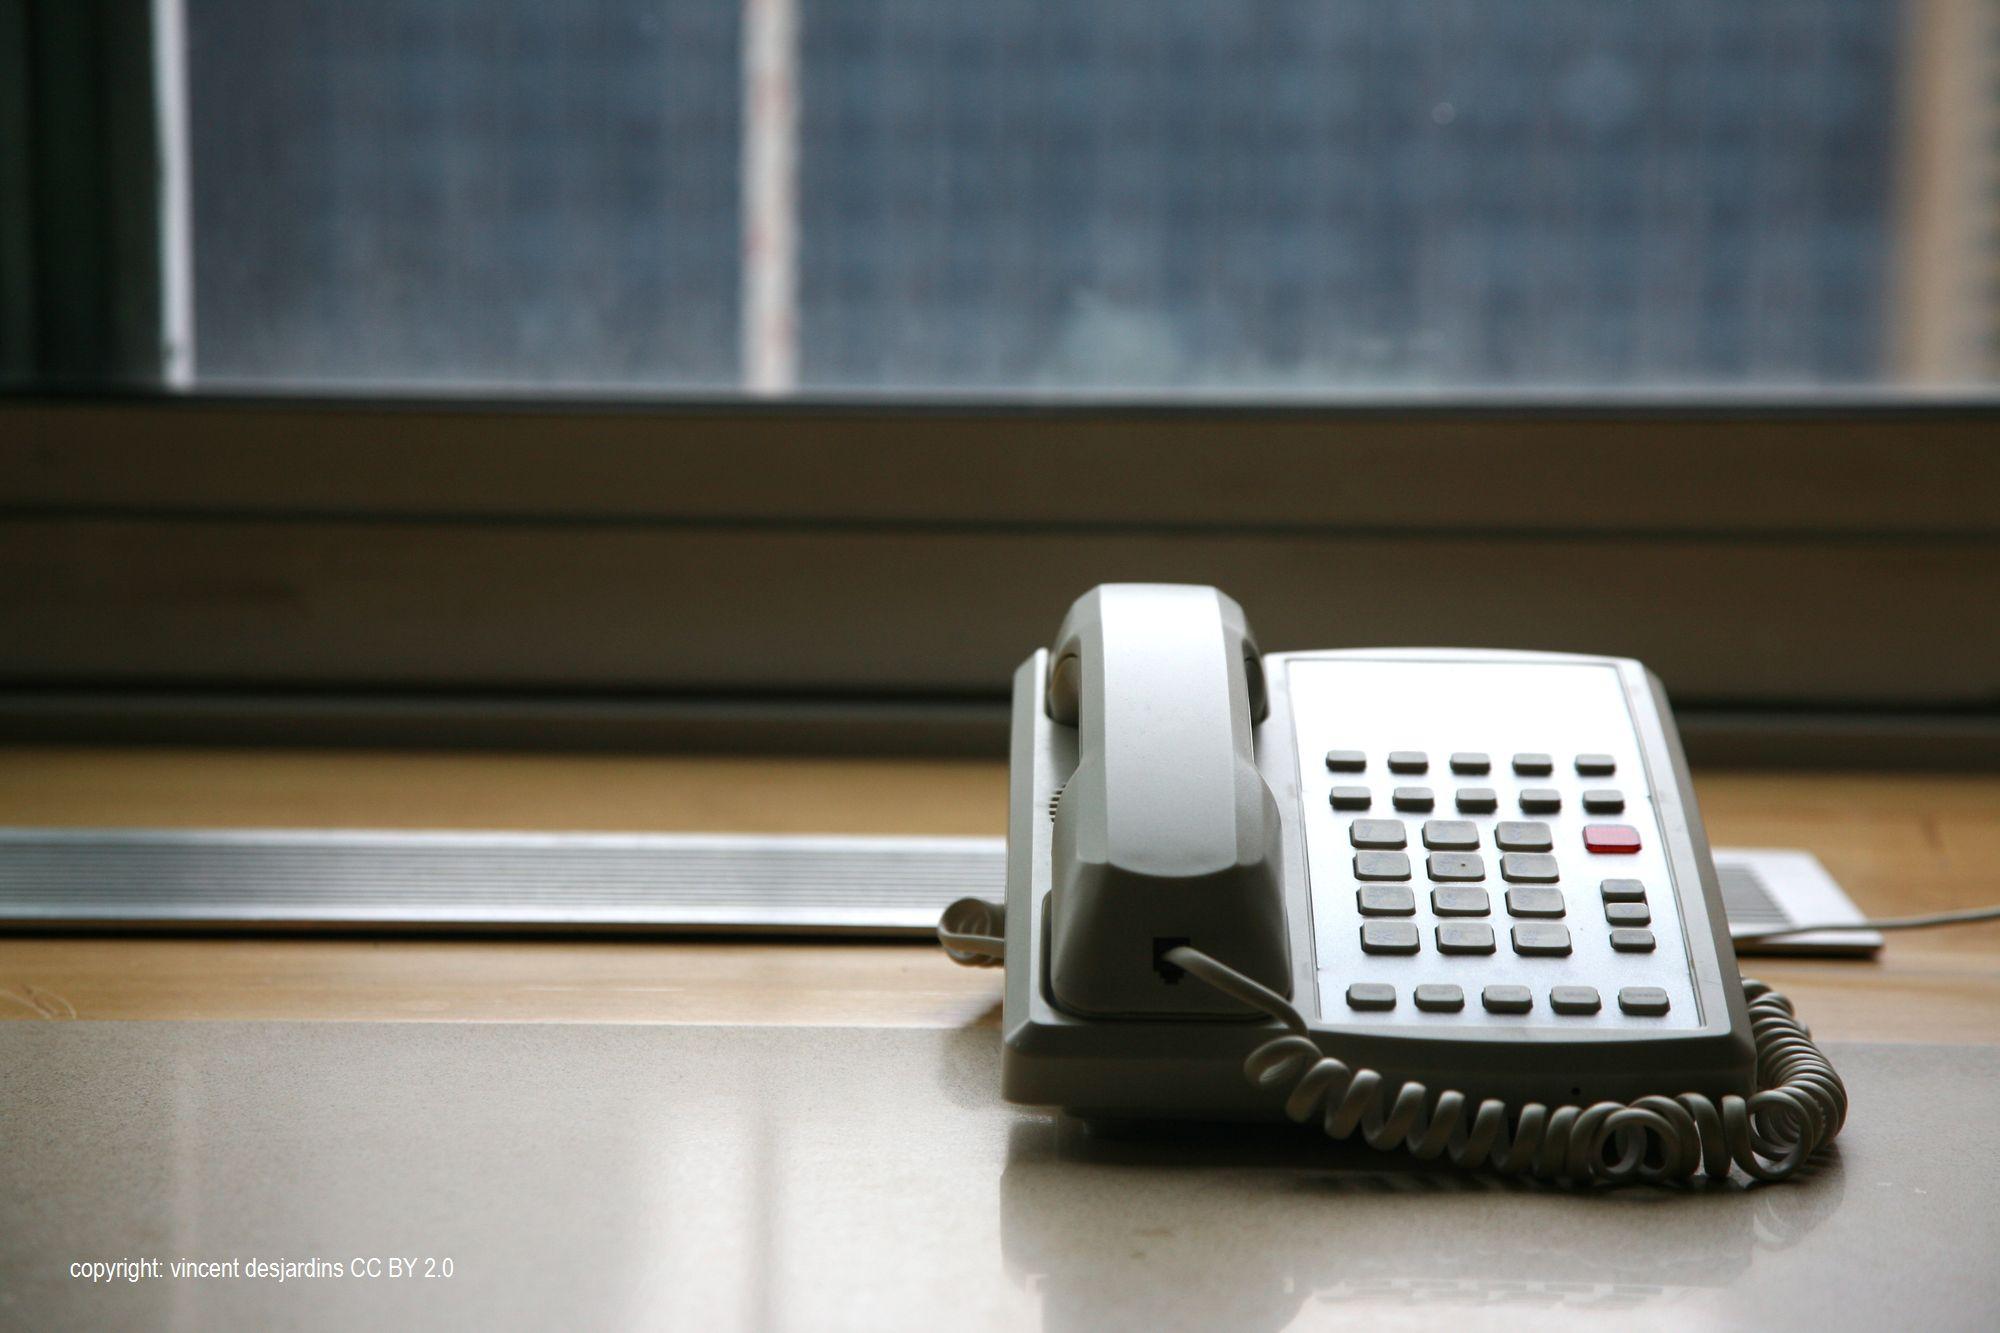 Bei der Telefonseelsorge werden Mitarbeiter gesucht. Foto: vincent desjardins cc by 2.0